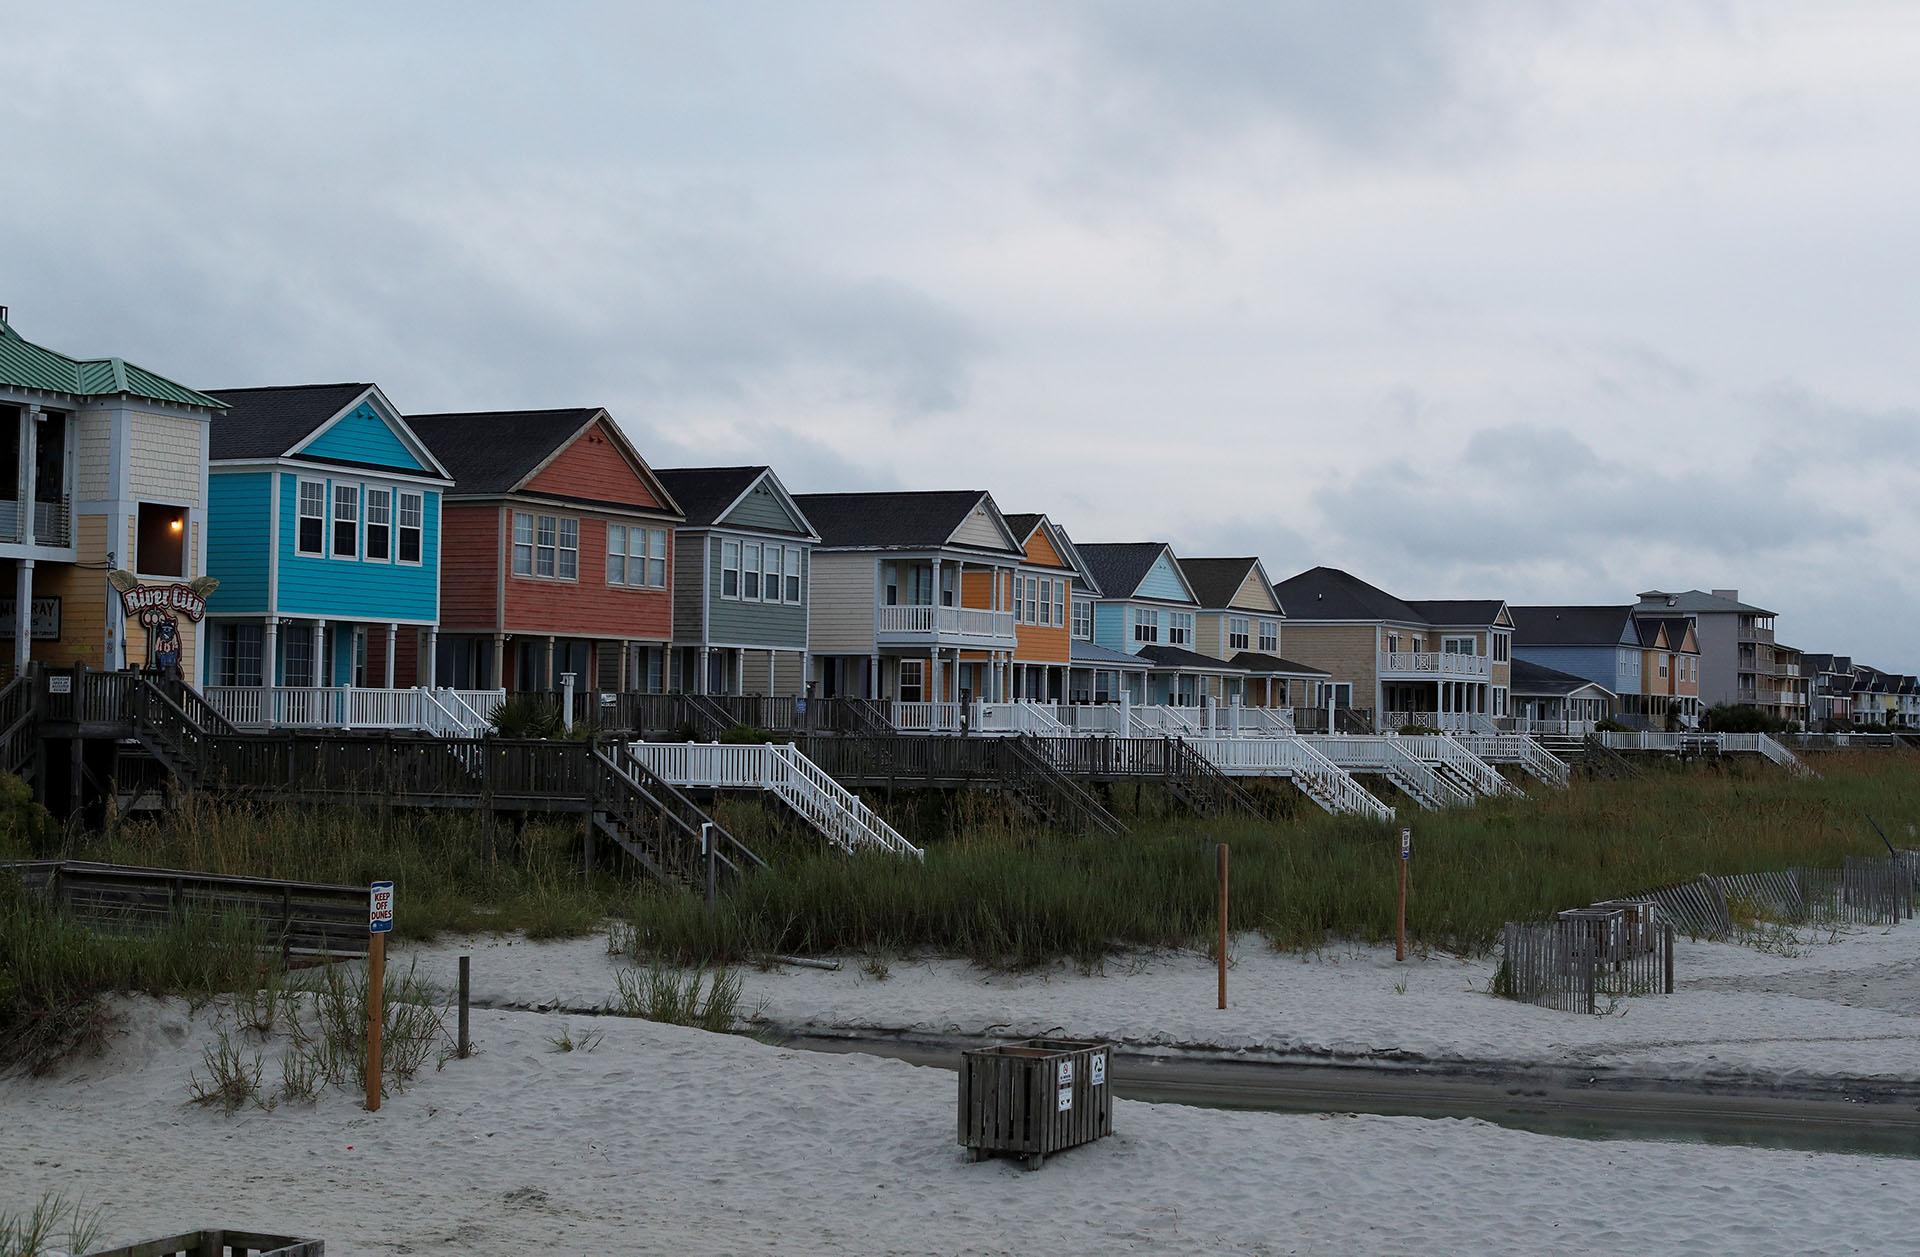 Las casas a orillas del océano están vacías antes de la llegada del huracán Florence en Surfside Beach, Carolina del Sur, EEUU (REUTERS / Randall Hill)